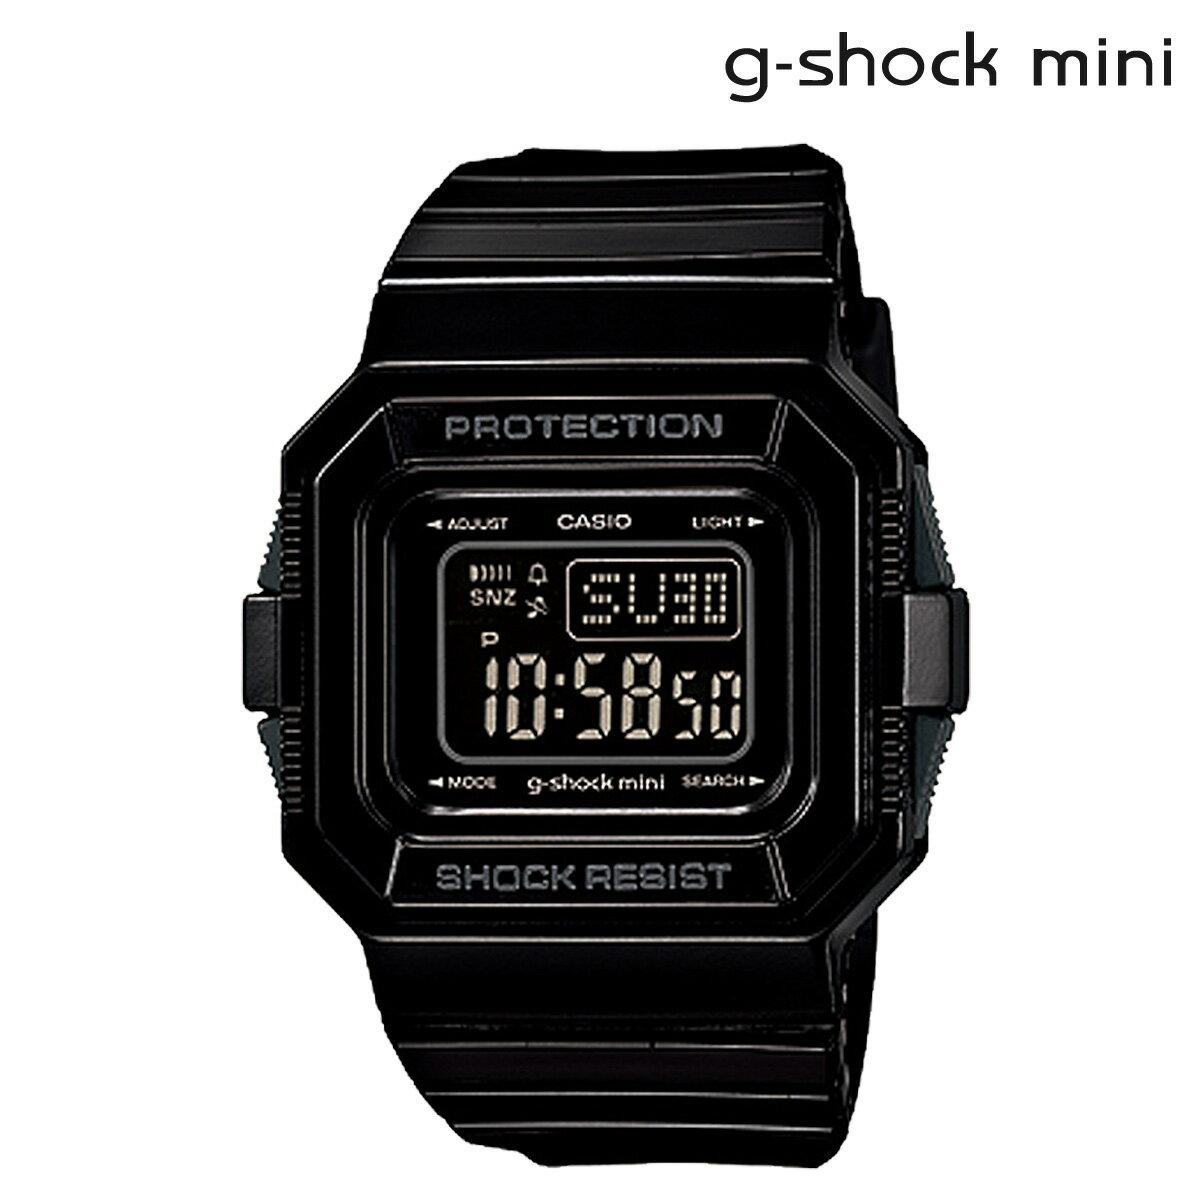 腕時計, レディース腕時計 CASIO g-shock mini GMN-550-1DJR G G-